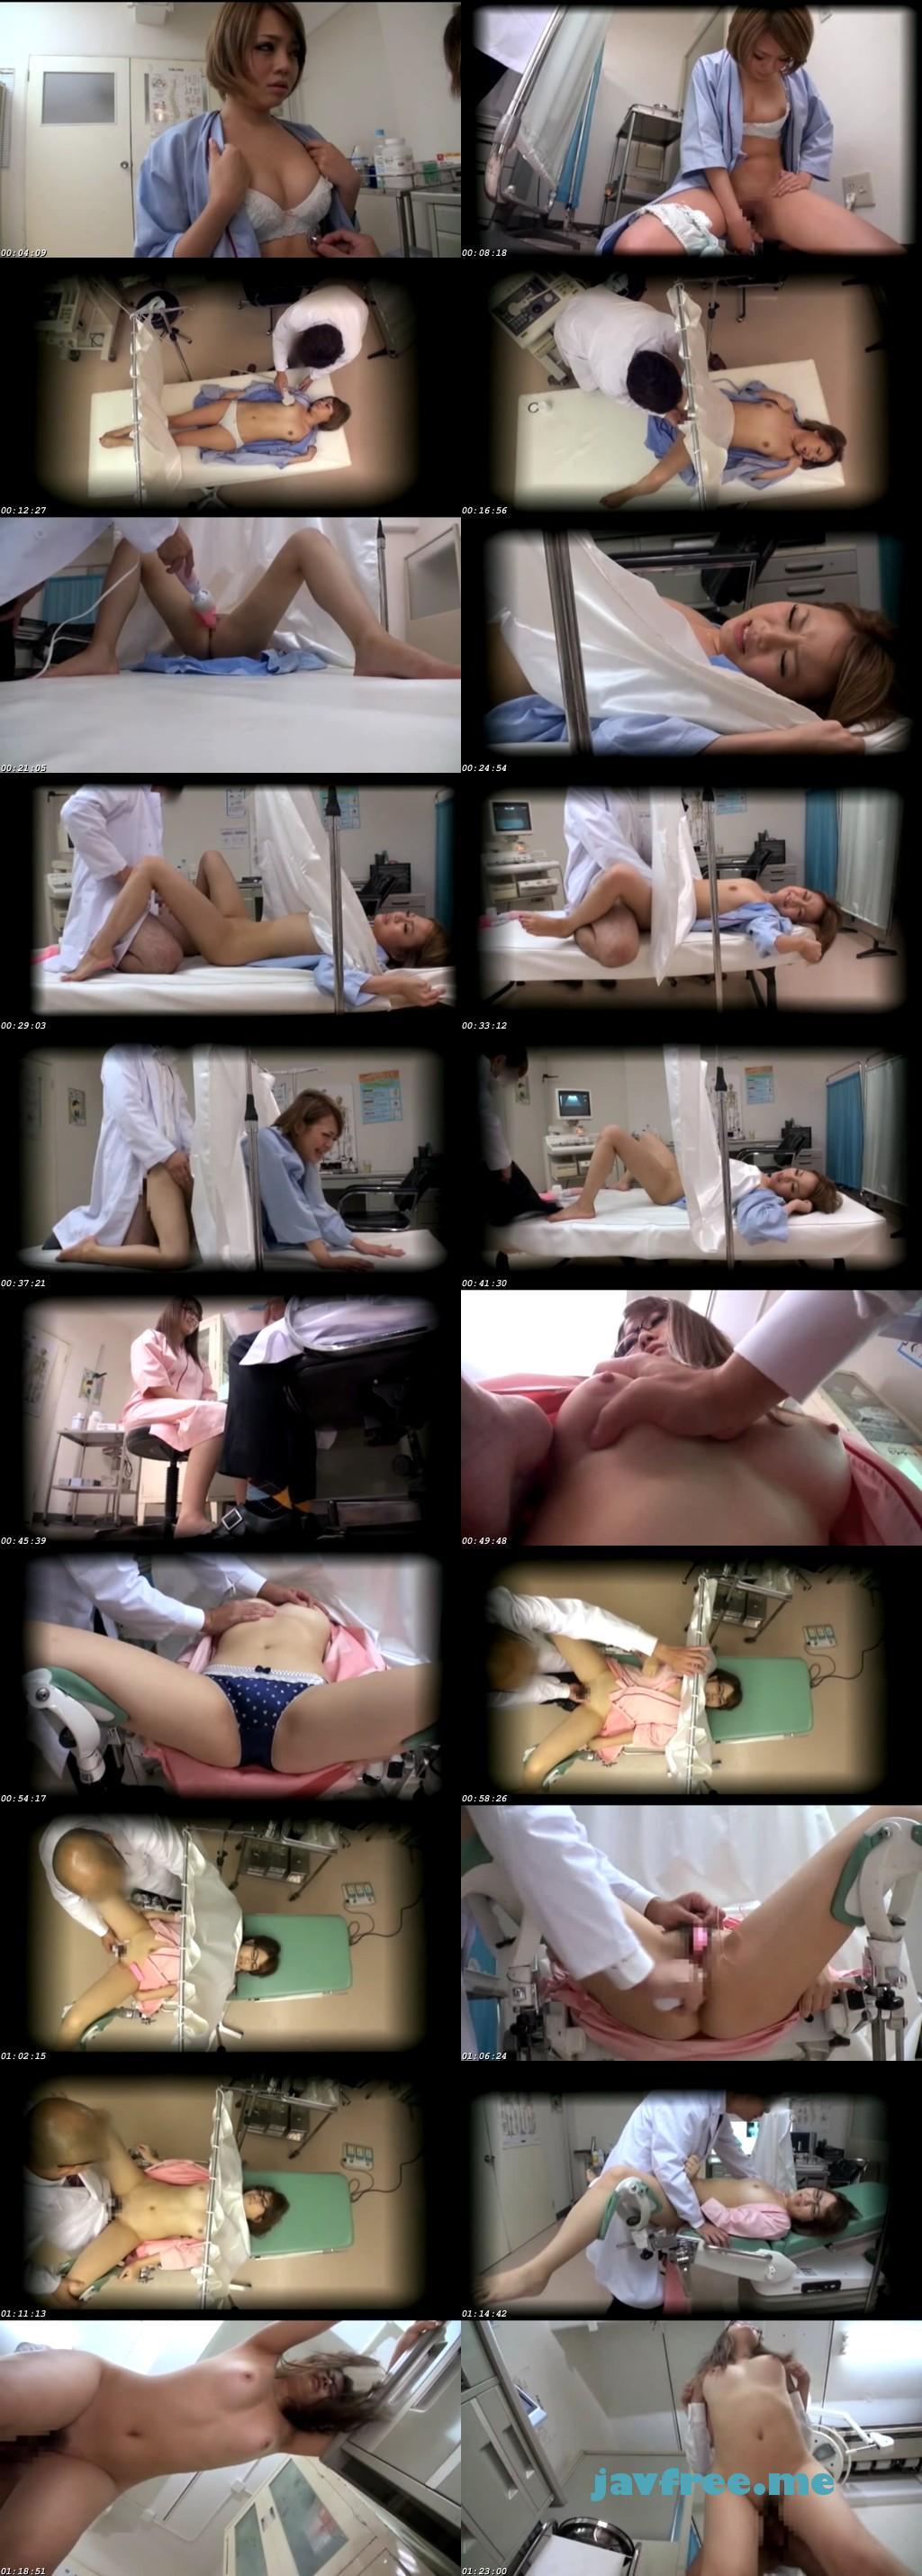 [SCOP-113] きっと、産婦人科の先生なら診断するフリして女性器をイジリ倒し、バレないようにナマ挿入中出しSEXまで出来るはず!!2 - image SCOP-113a on https://javfree.me